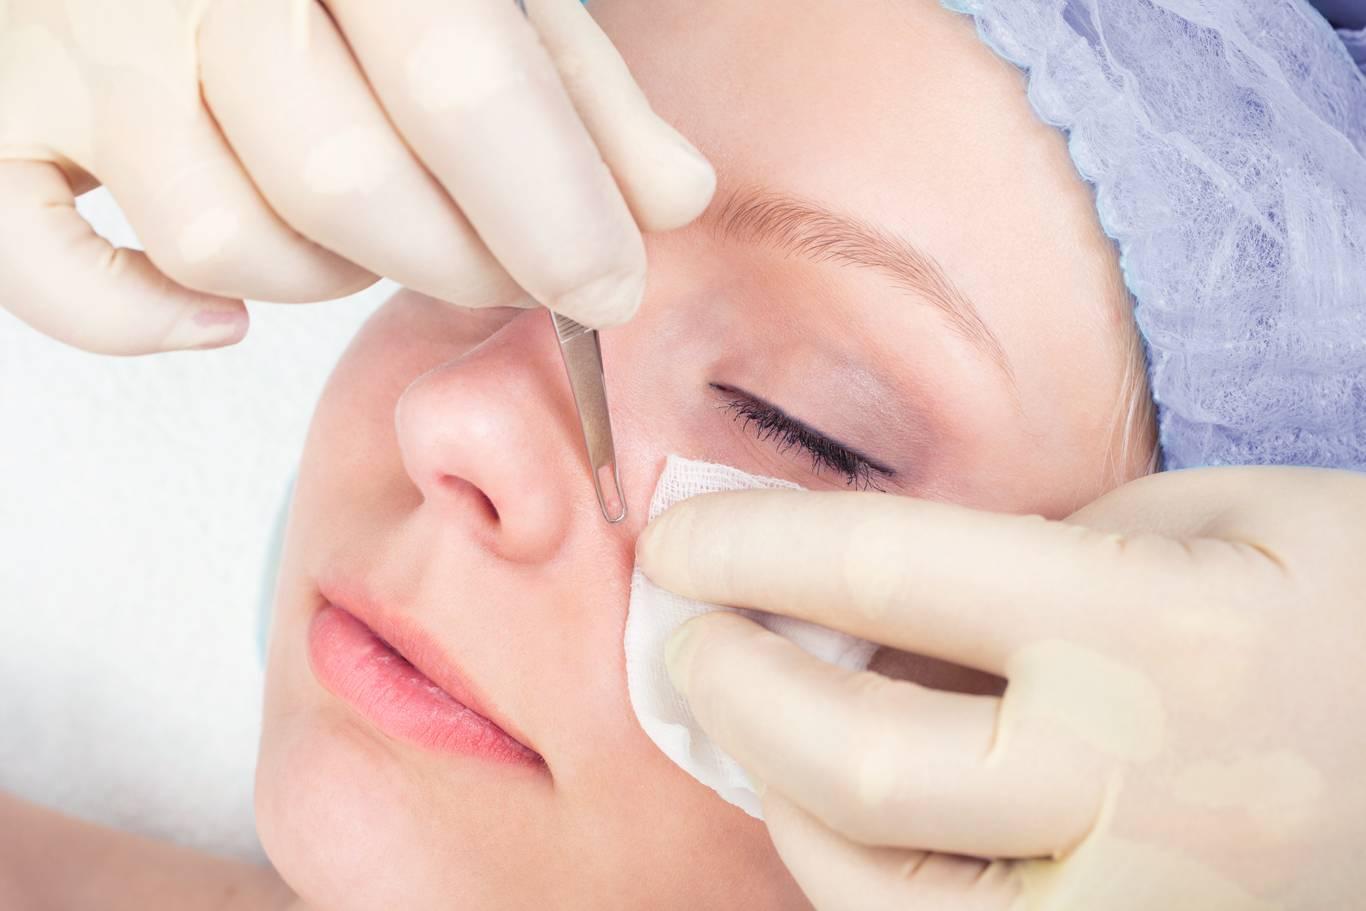 Особенности проведения и преимущества чистки лица у косметолога